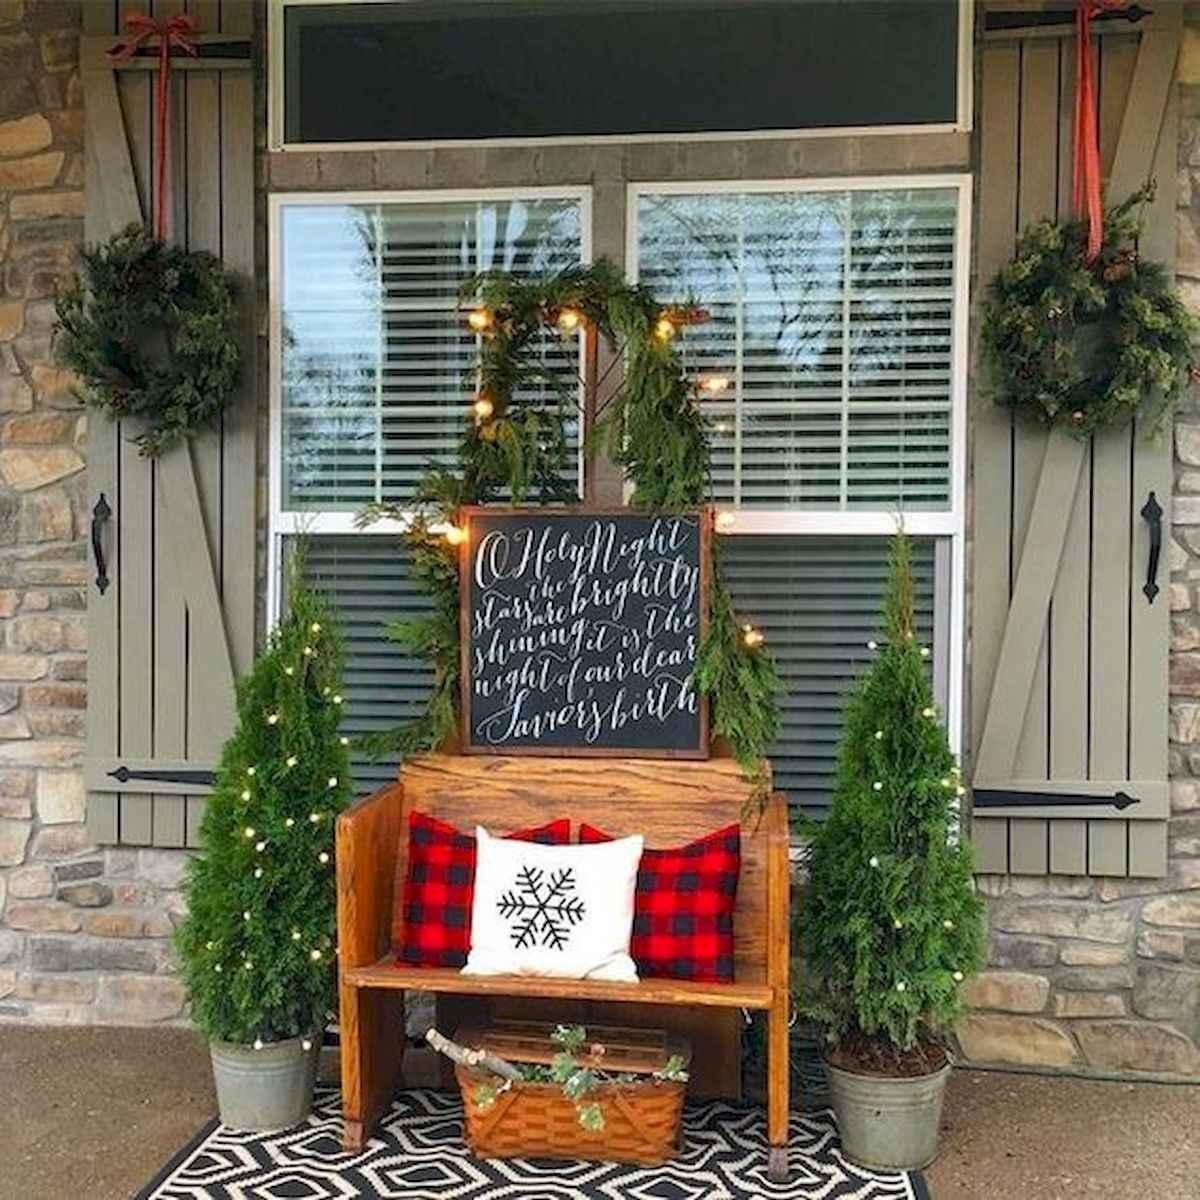 50 front porches farmhouse christmas decorations ideas (17)